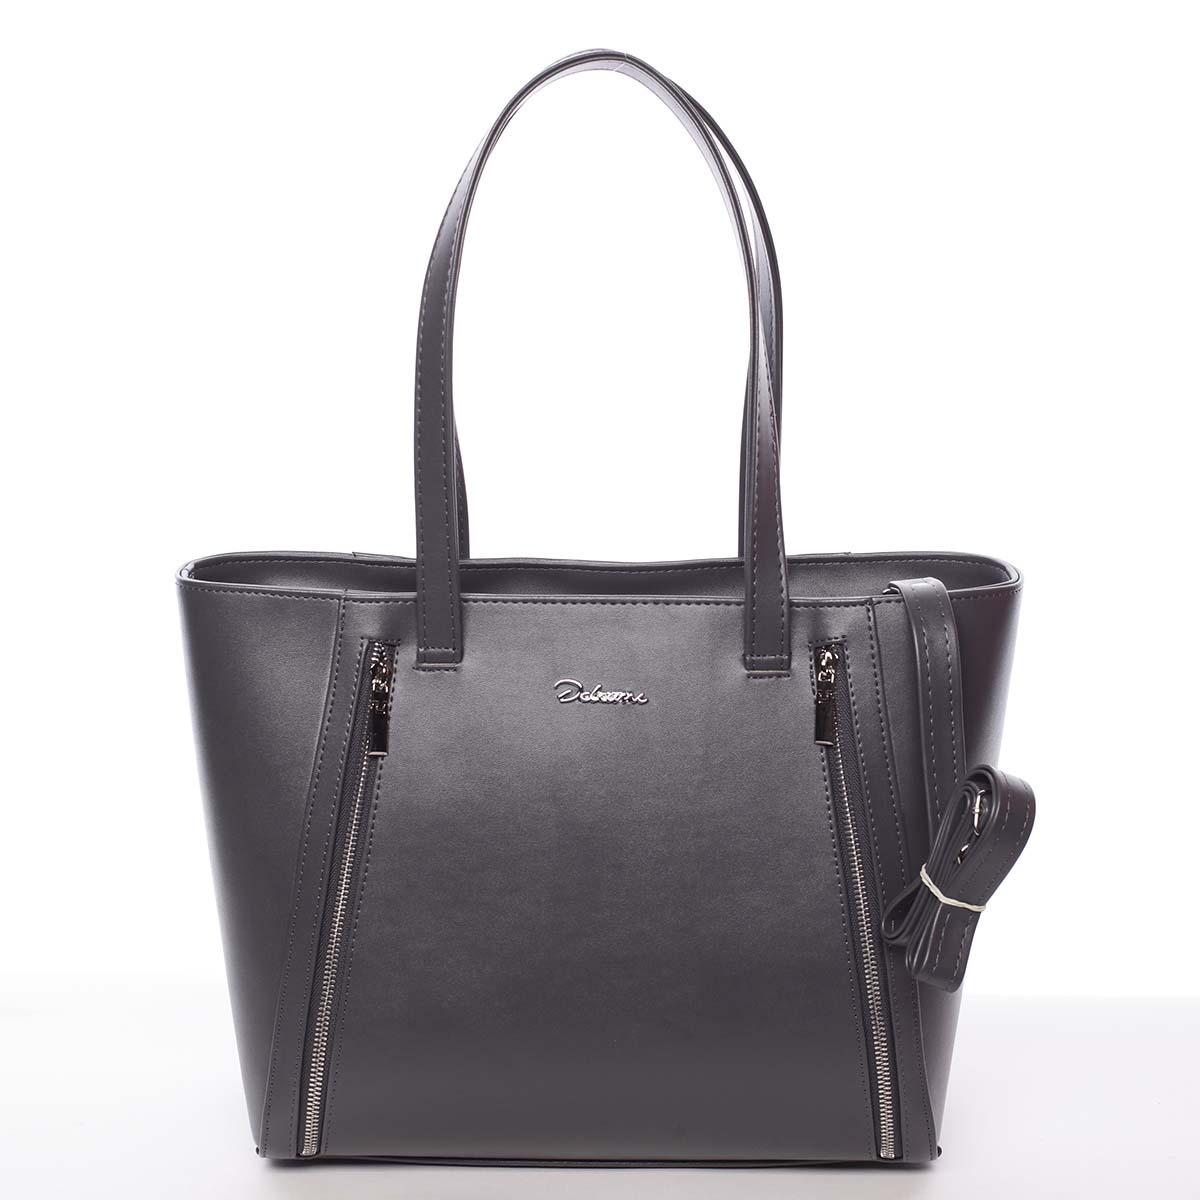 Módna dámska kabelka cez rameno šedá - Delami Bambi šedá